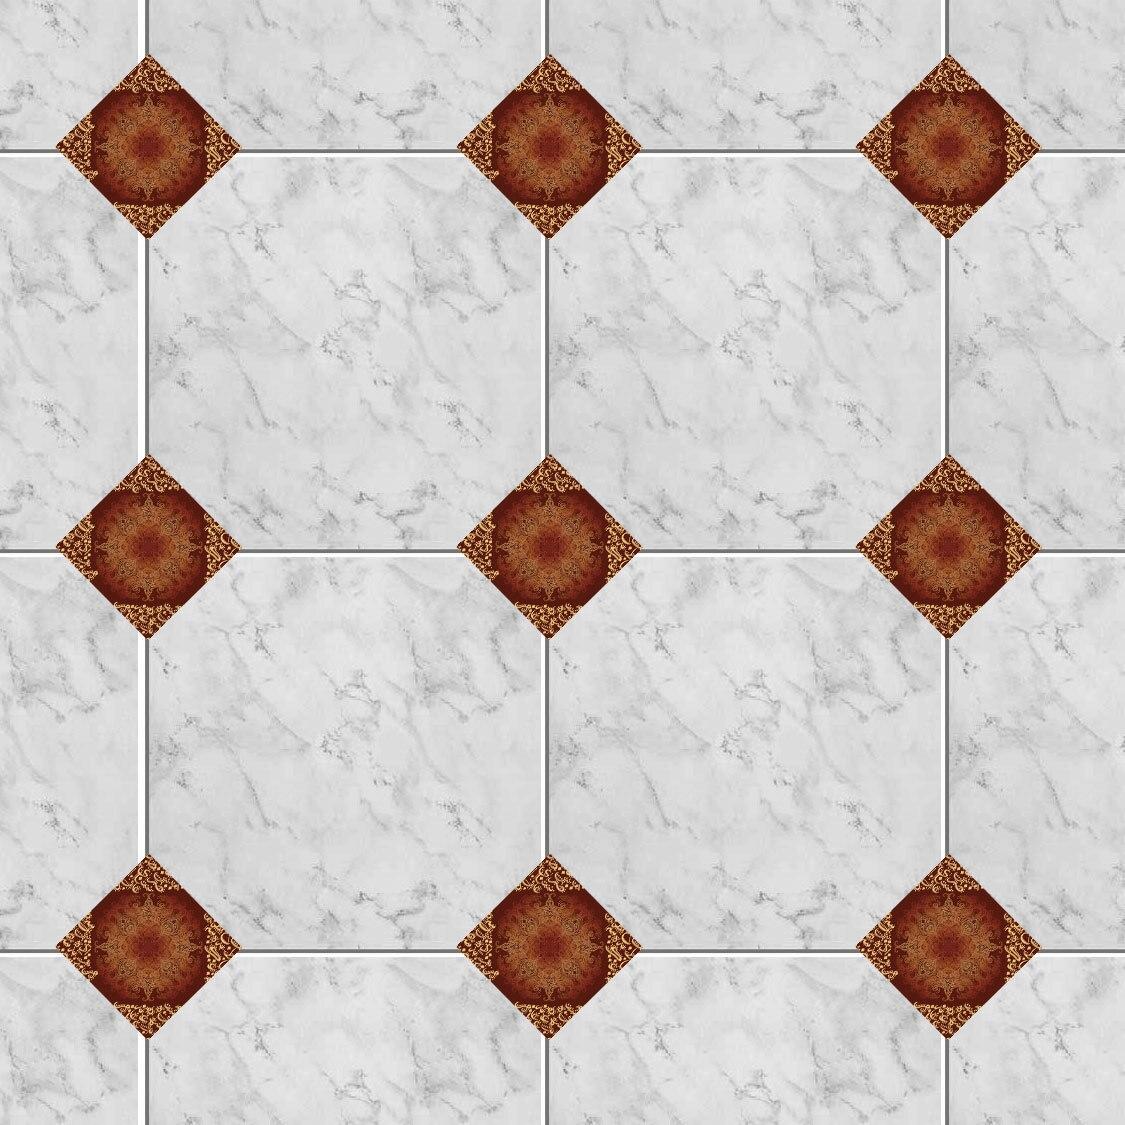 100 pièces Mubarak Style classique rétro carrelage autocollant étanche salle de bains cuisine mur autocollant décor à la maison plancher Art Mural